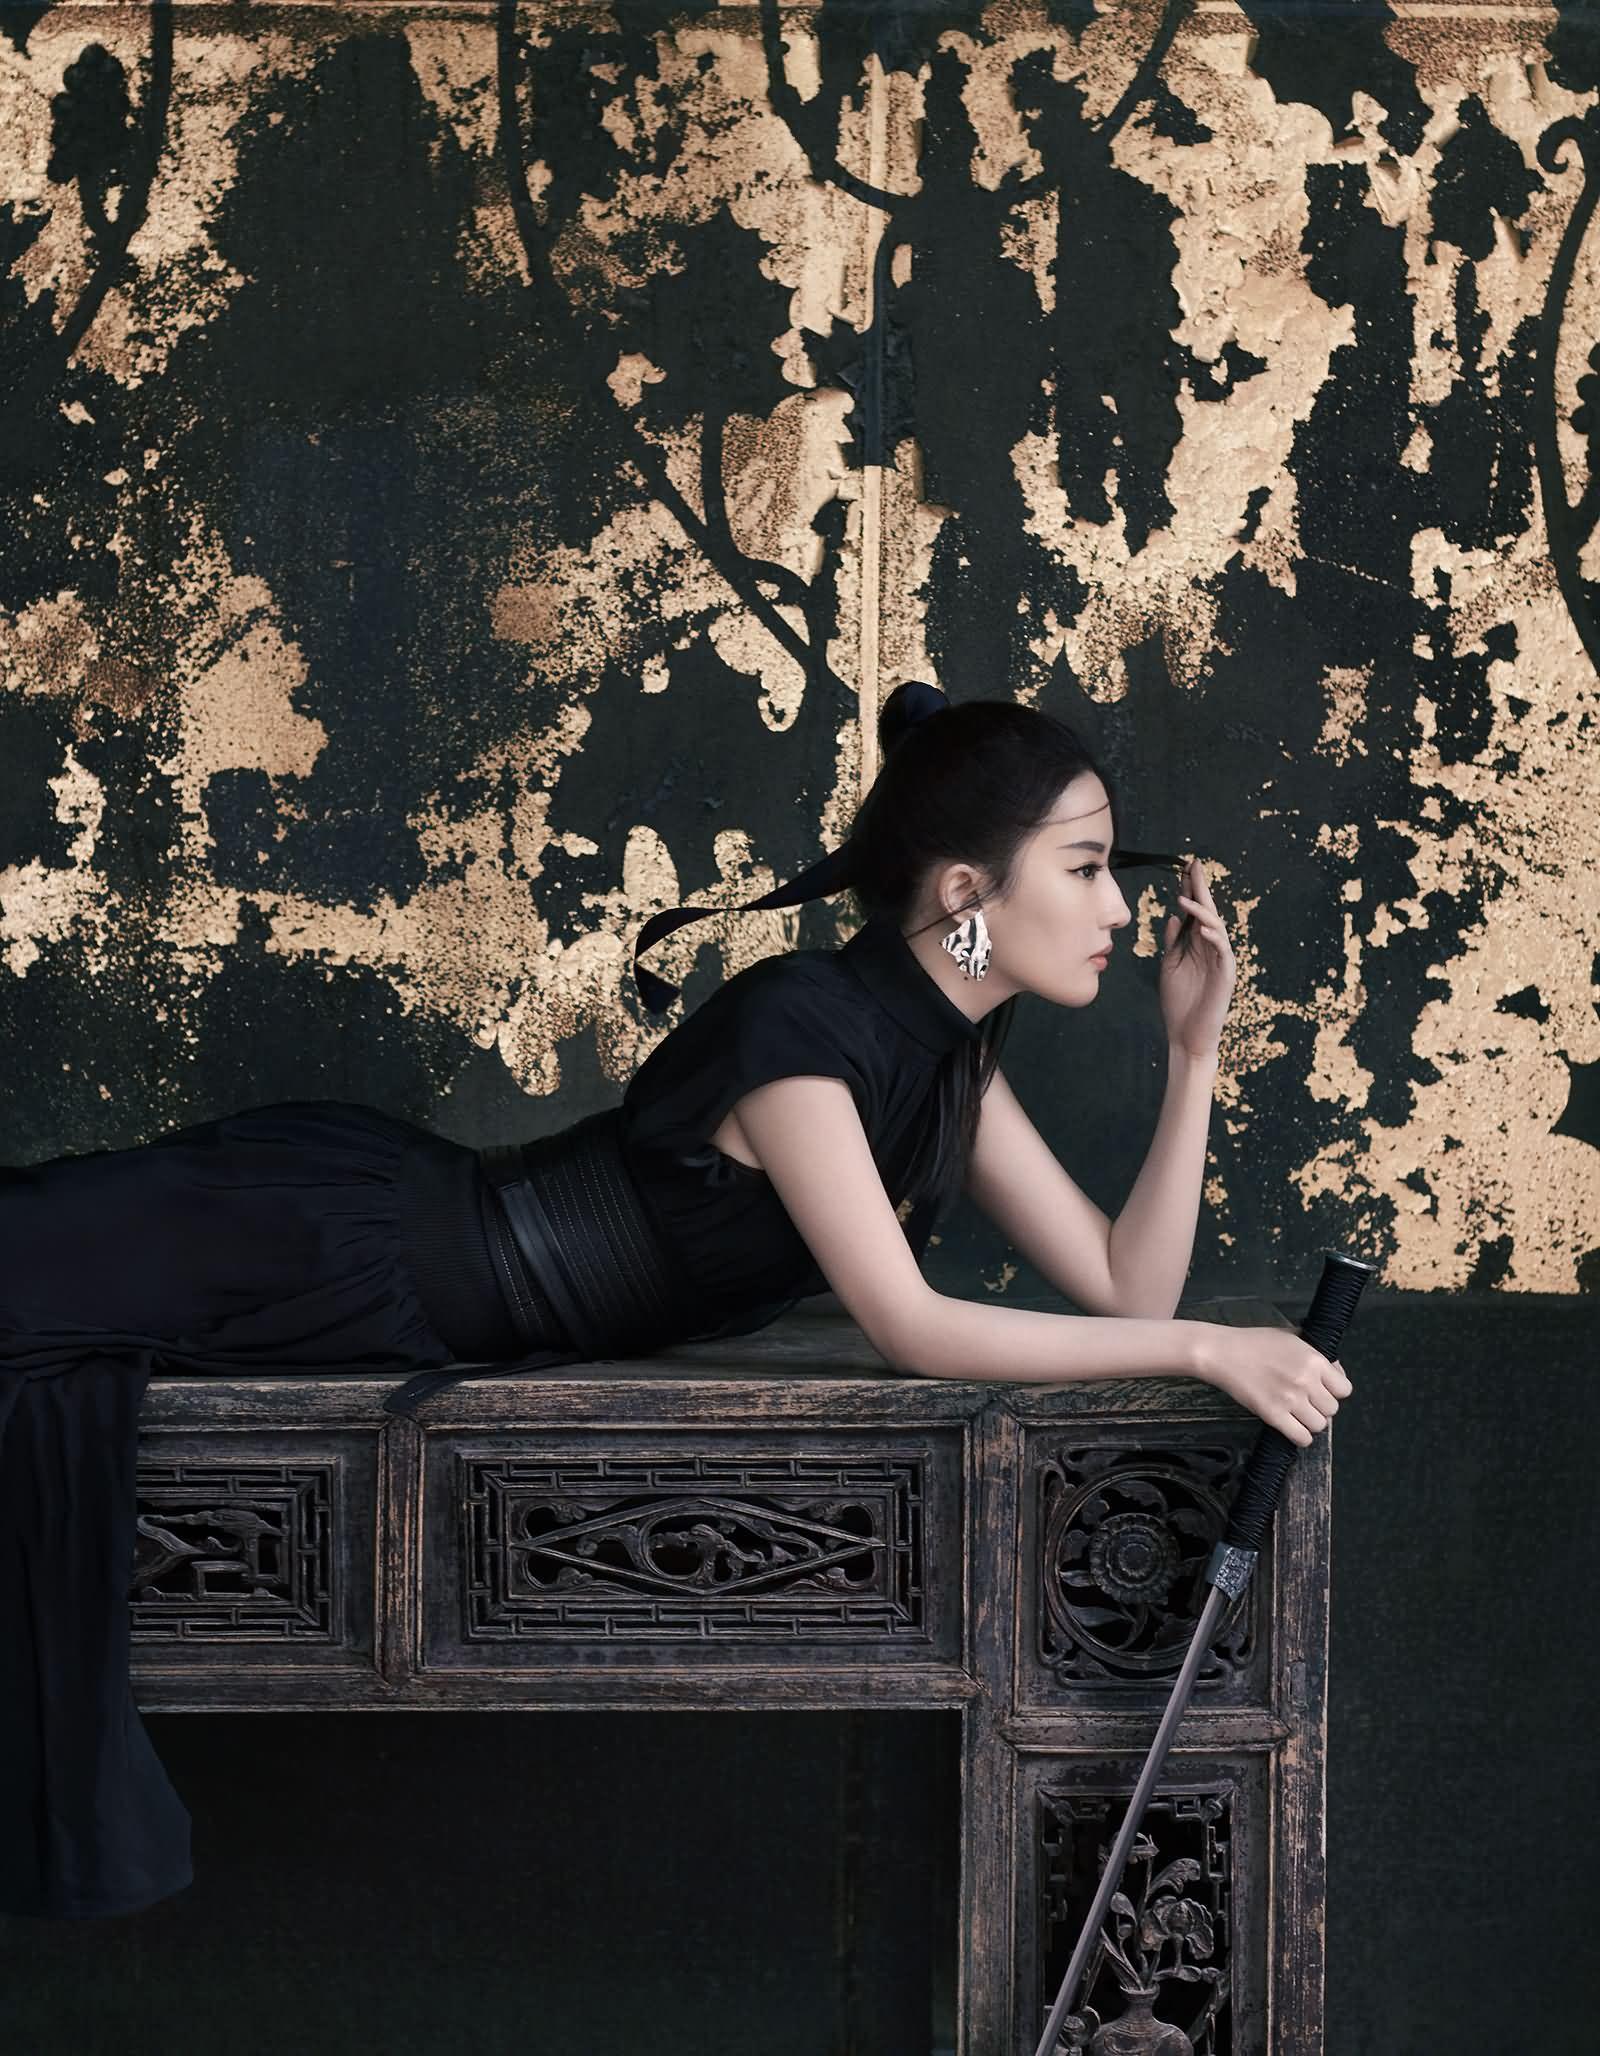 《时尚COSMO》演员刘亦菲荣登24周年刊封面人物